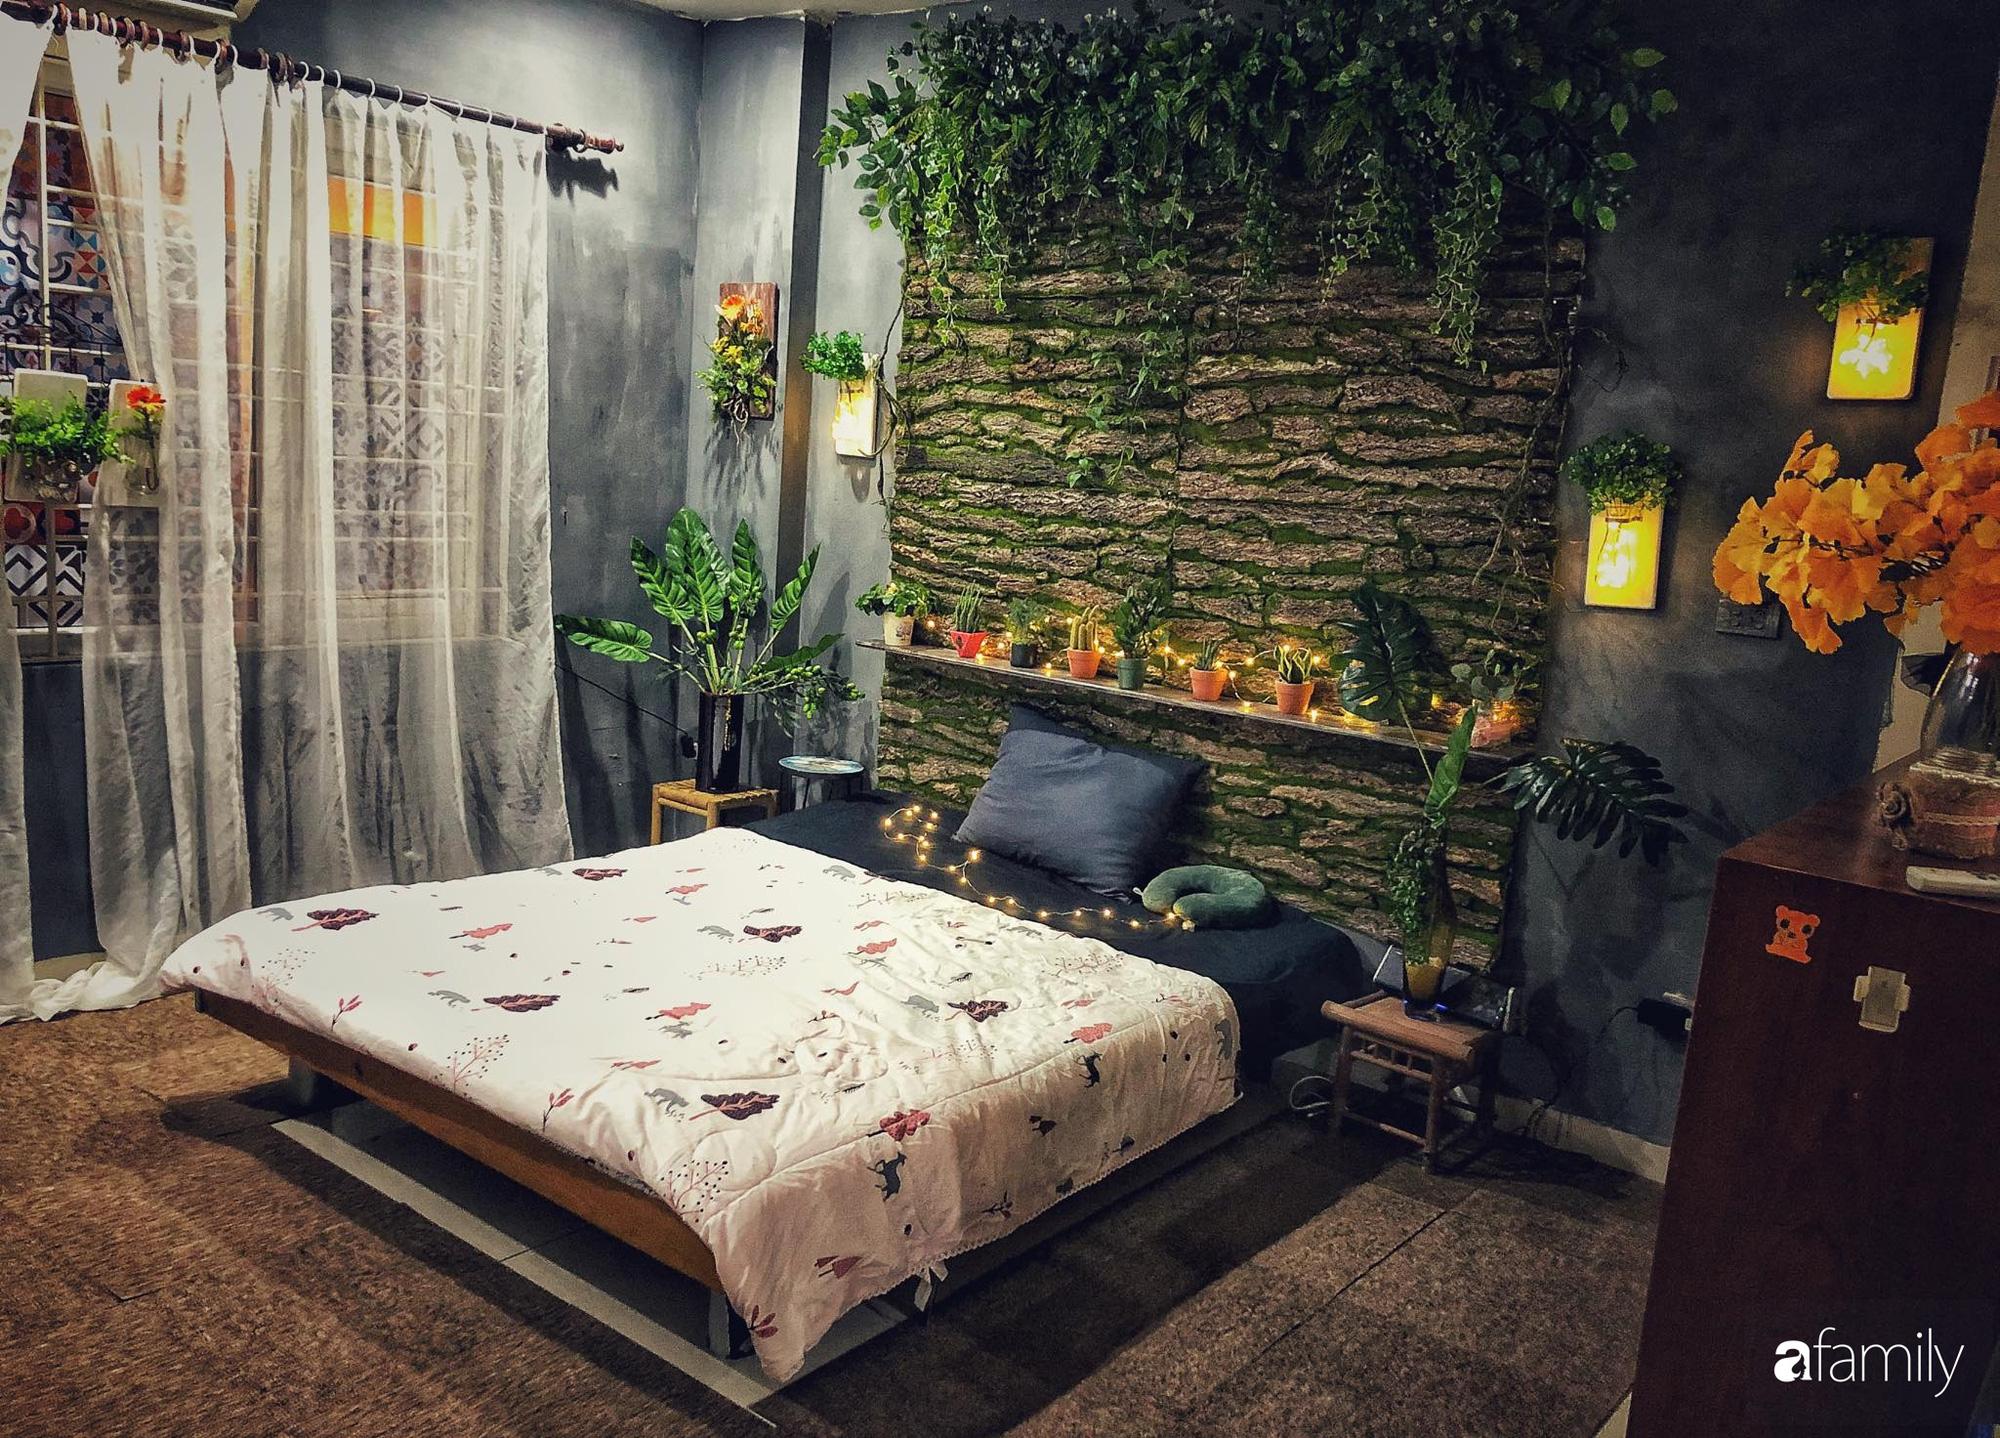 Bà mẹ trẻ Hà Nội biến phòng trọ 22m² thành homestay đẹp hút mắt cho riêng mình với chi phí cải tạo chỉ 5 triệu đồng - Ảnh 13.